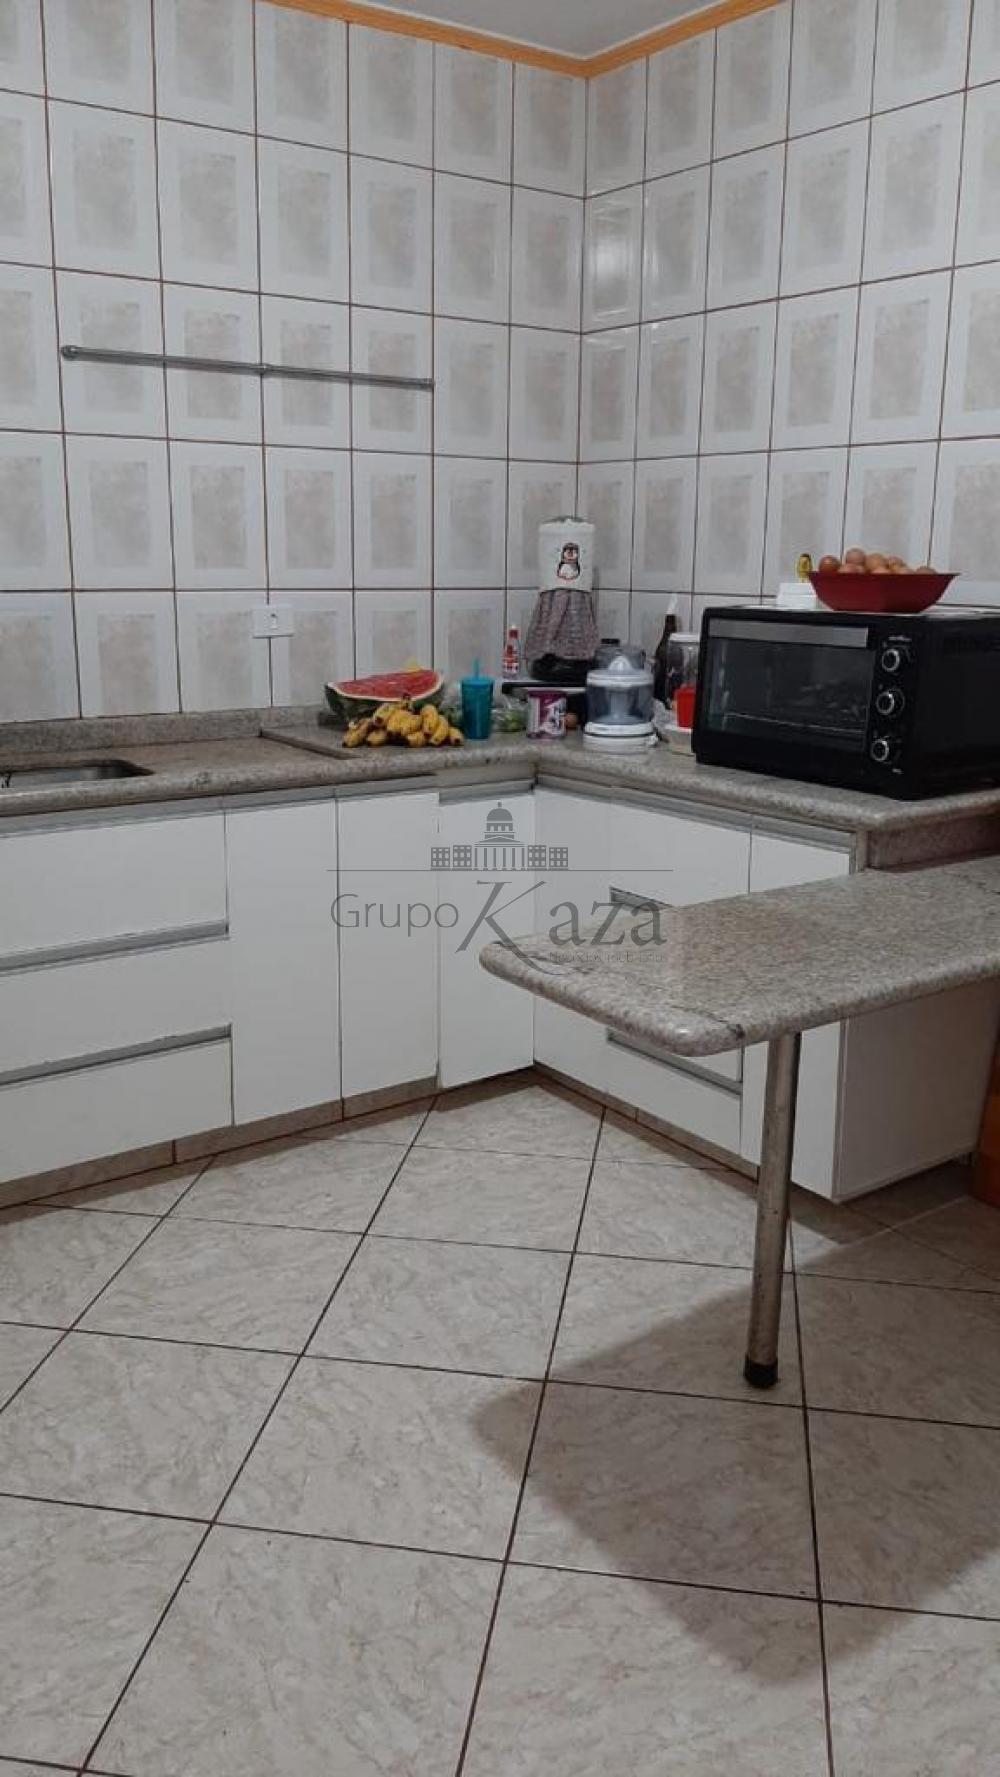 alt='Comprar Casa / Padrão em São José dos Campos R$ 320.000,00 - Foto 2' title='Comprar Casa / Padrão em São José dos Campos R$ 320.000,00 - Foto 2'